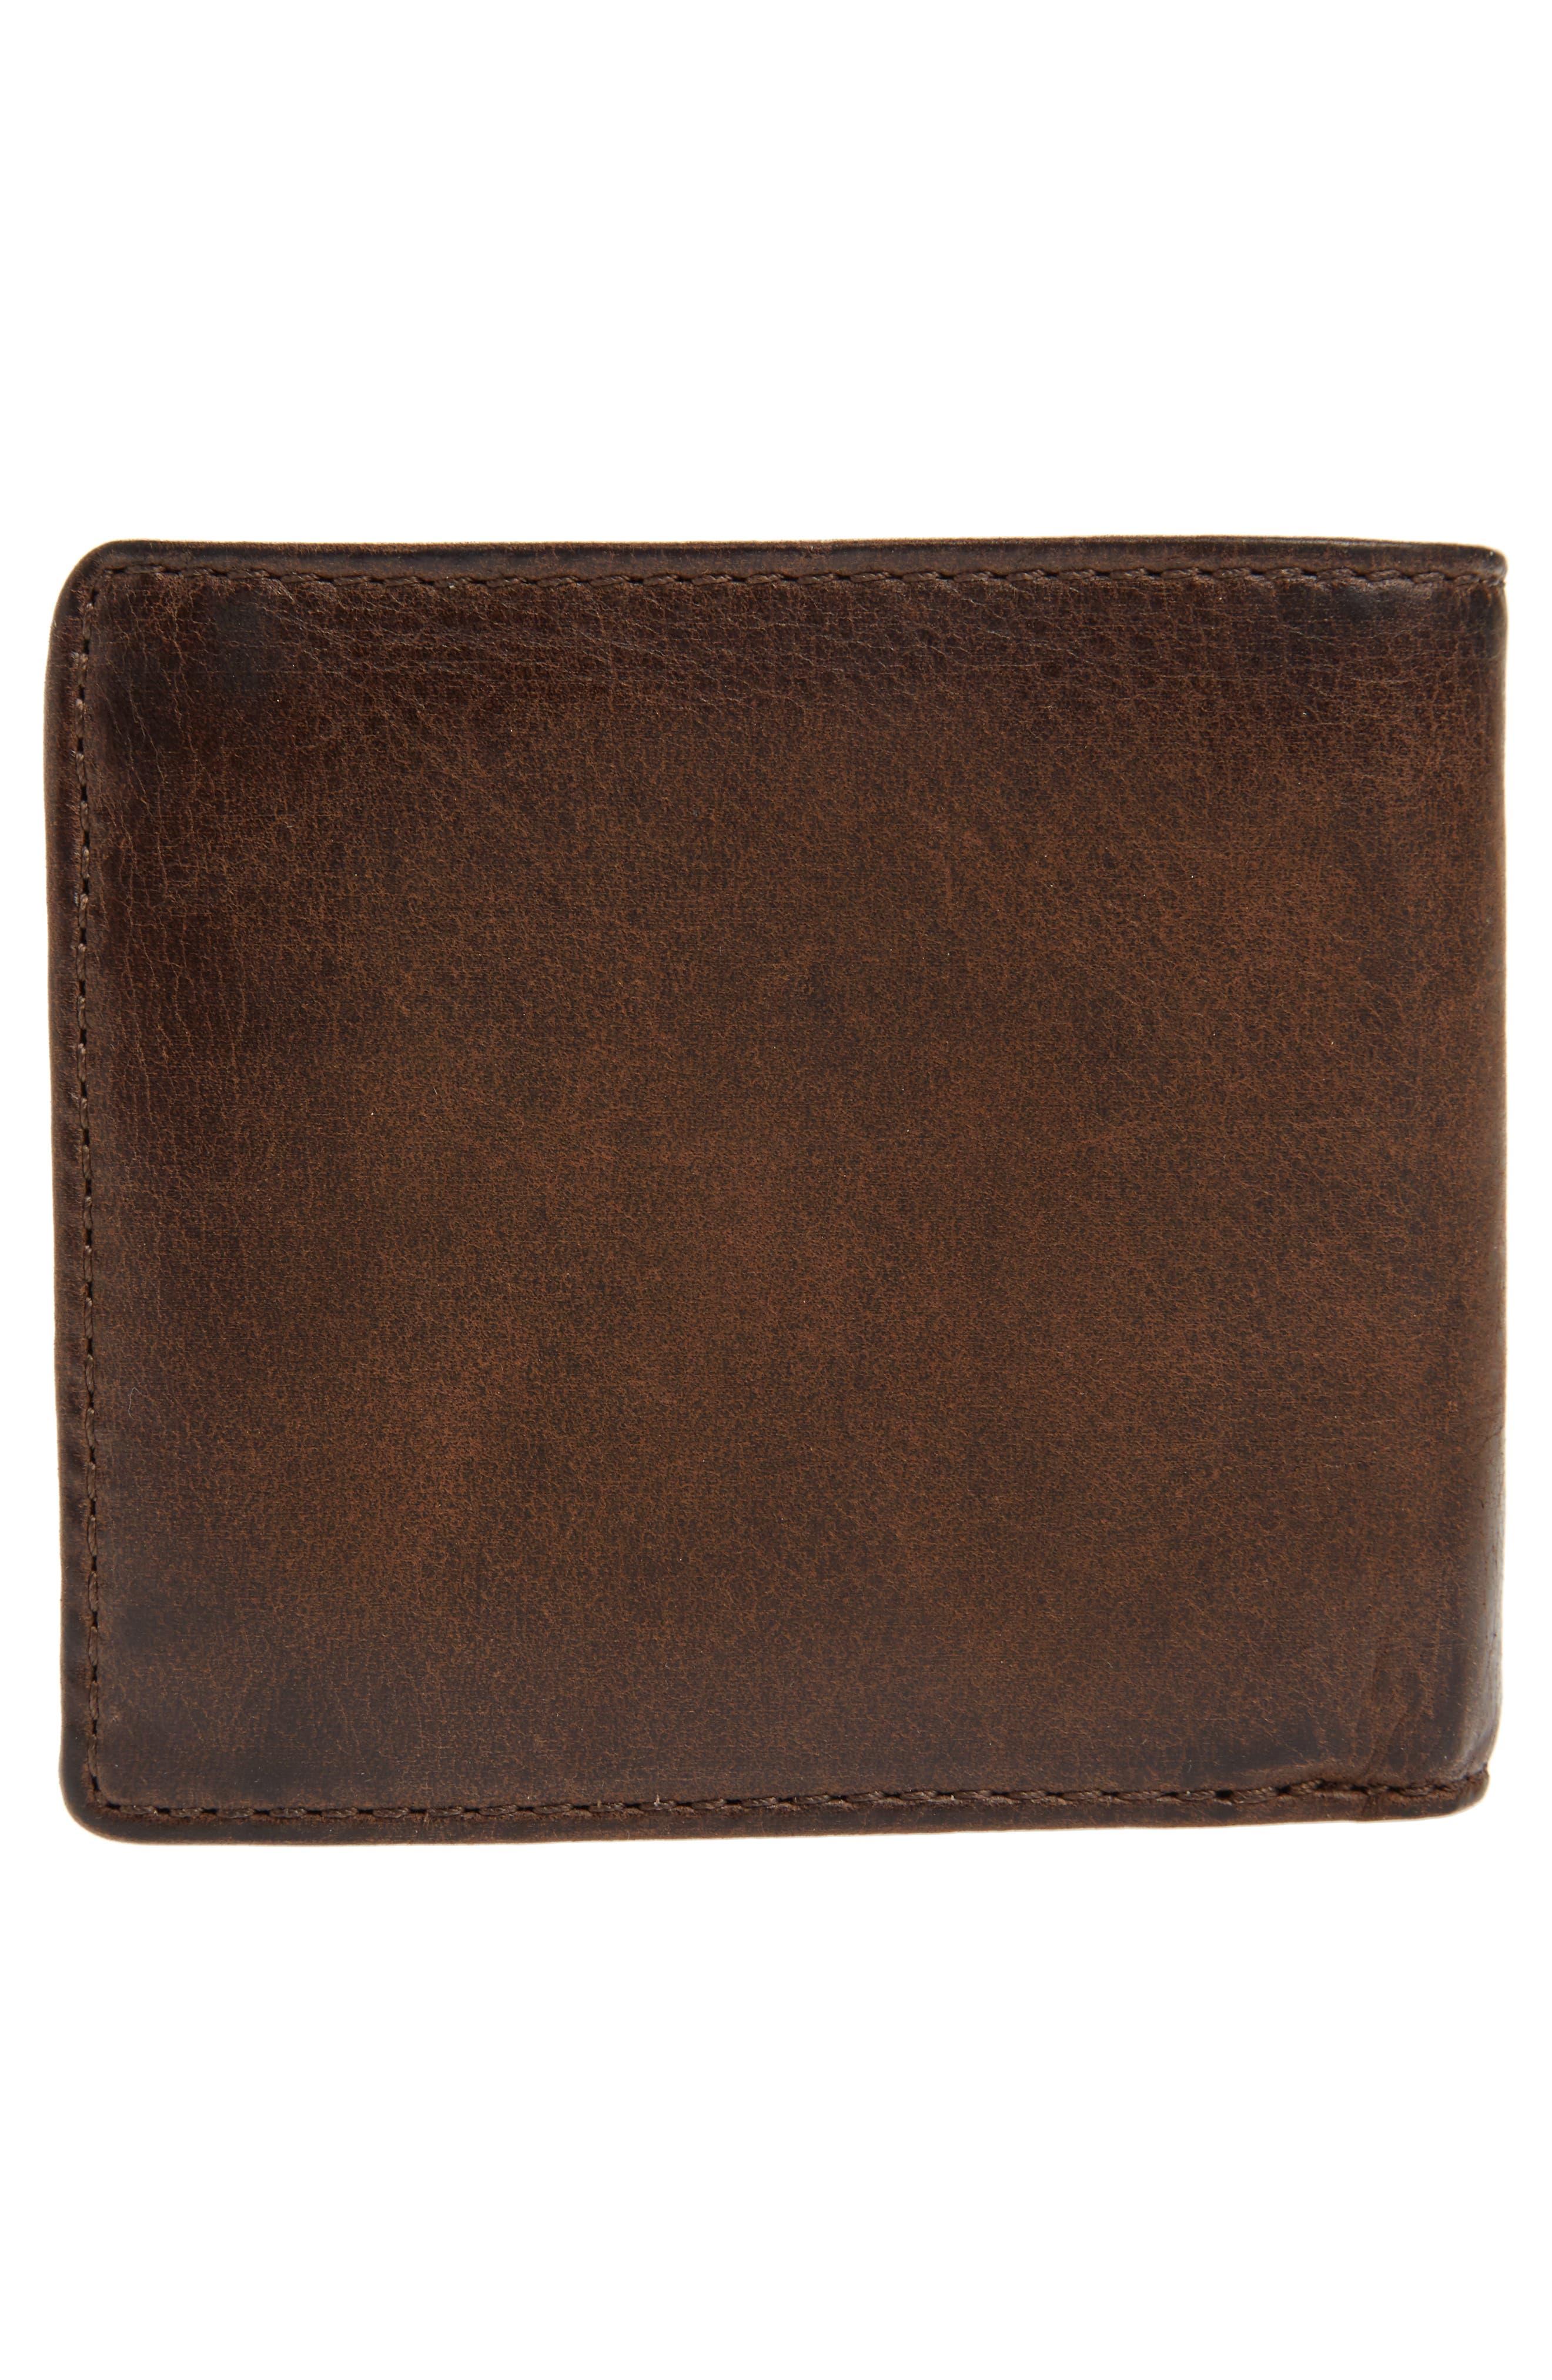 FRYE, Oliver Leather Wallet, Alternate thumbnail 2, color, DARK BROWN